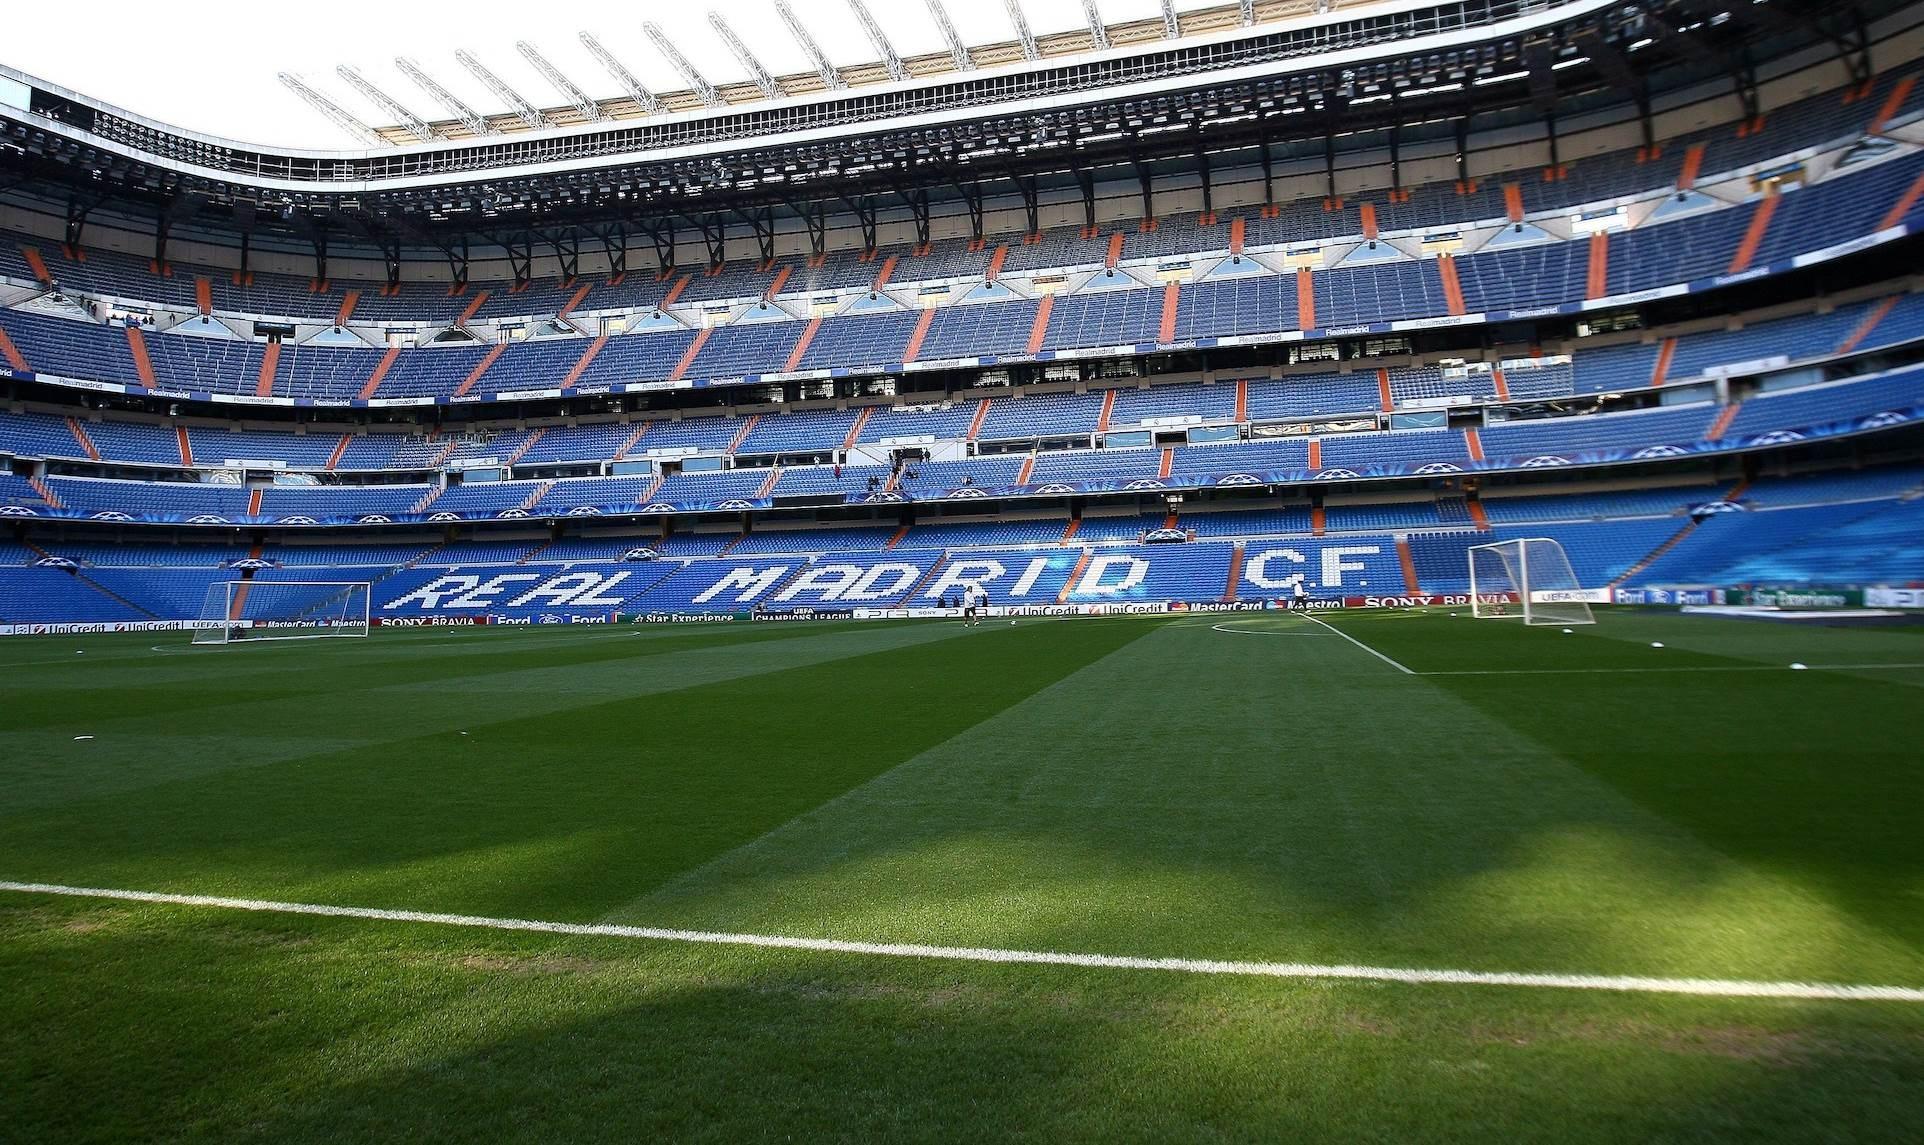 3 لاعبين سيسعى ريال مدريد بقوة للتعاقد معهم